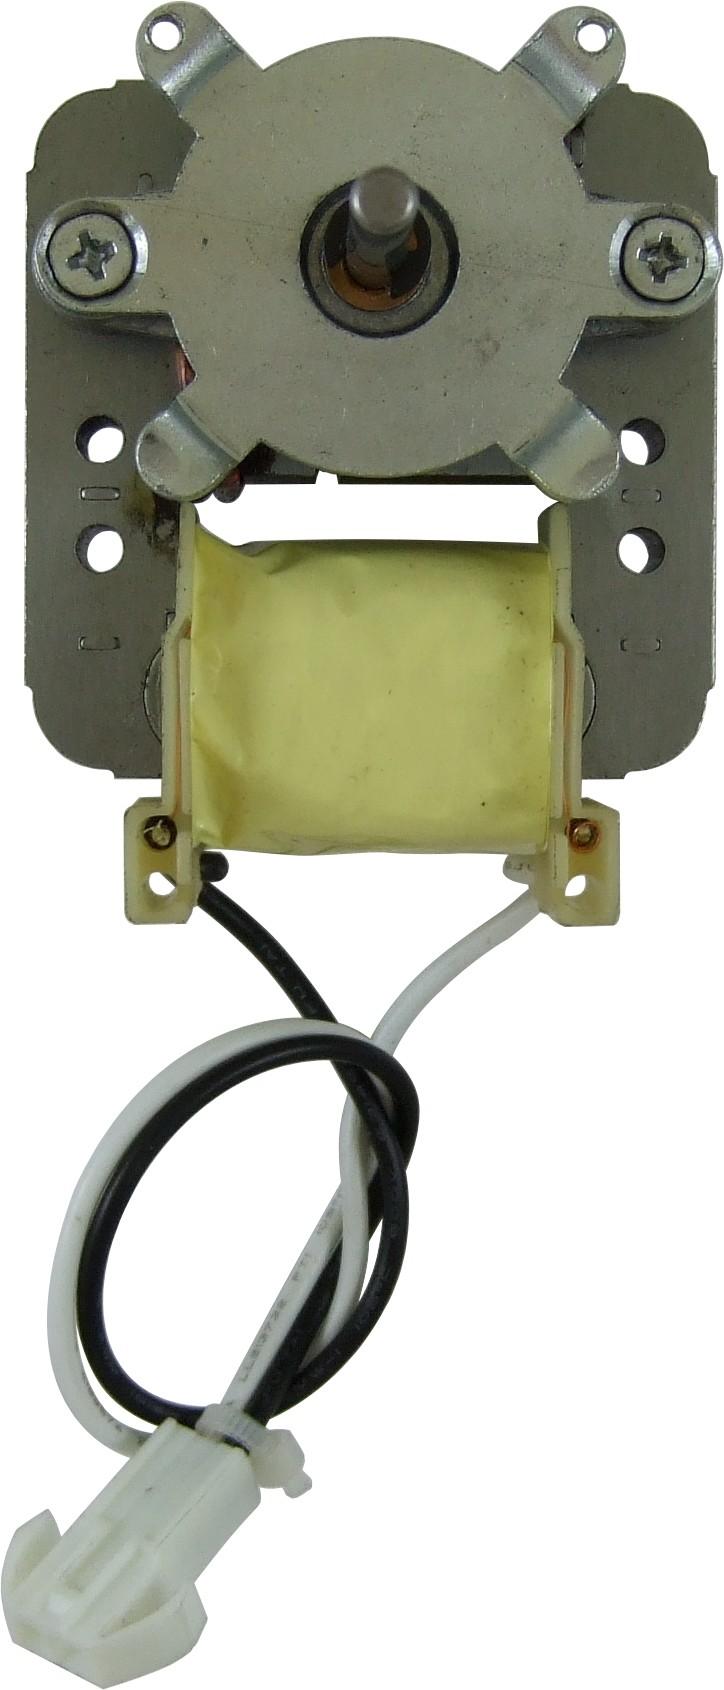 hight resolution of edenpure fan motor a3830 rp